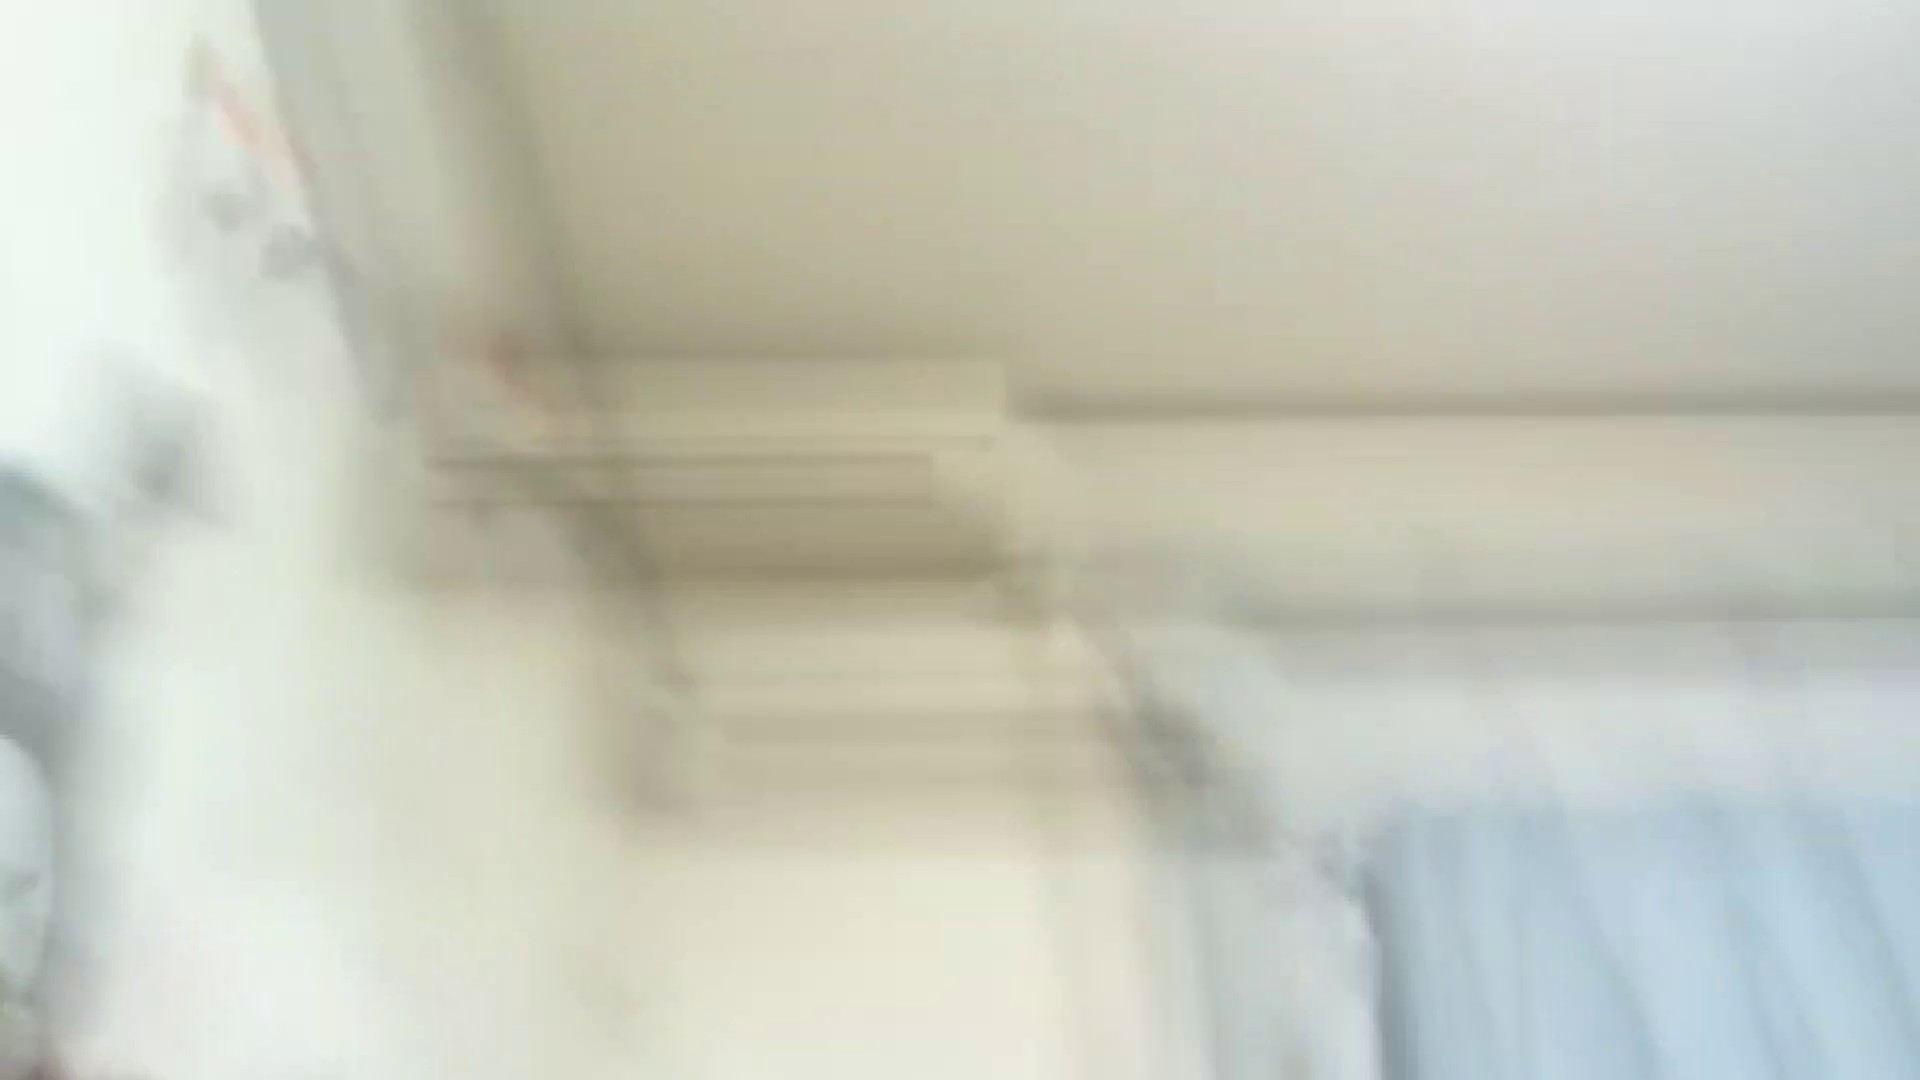 隠し撮りイケメンオナニーピーピング03 茶髪 しりまんこ画像 93枚 23